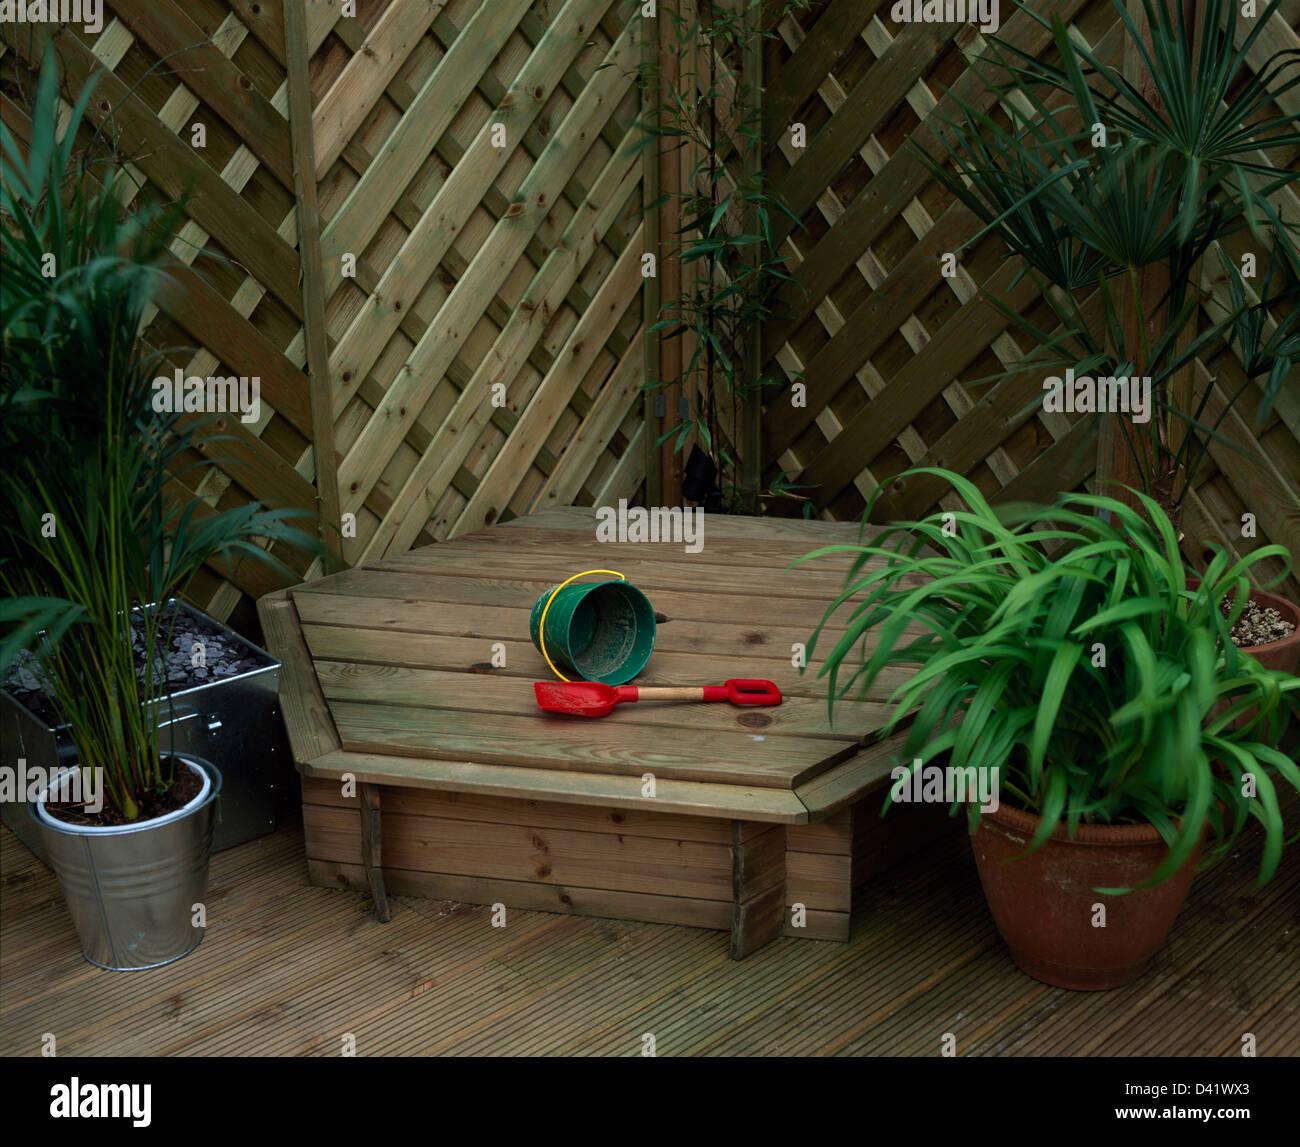 plantes en pots de chaque côté du bac à sable avec couvercle en bois